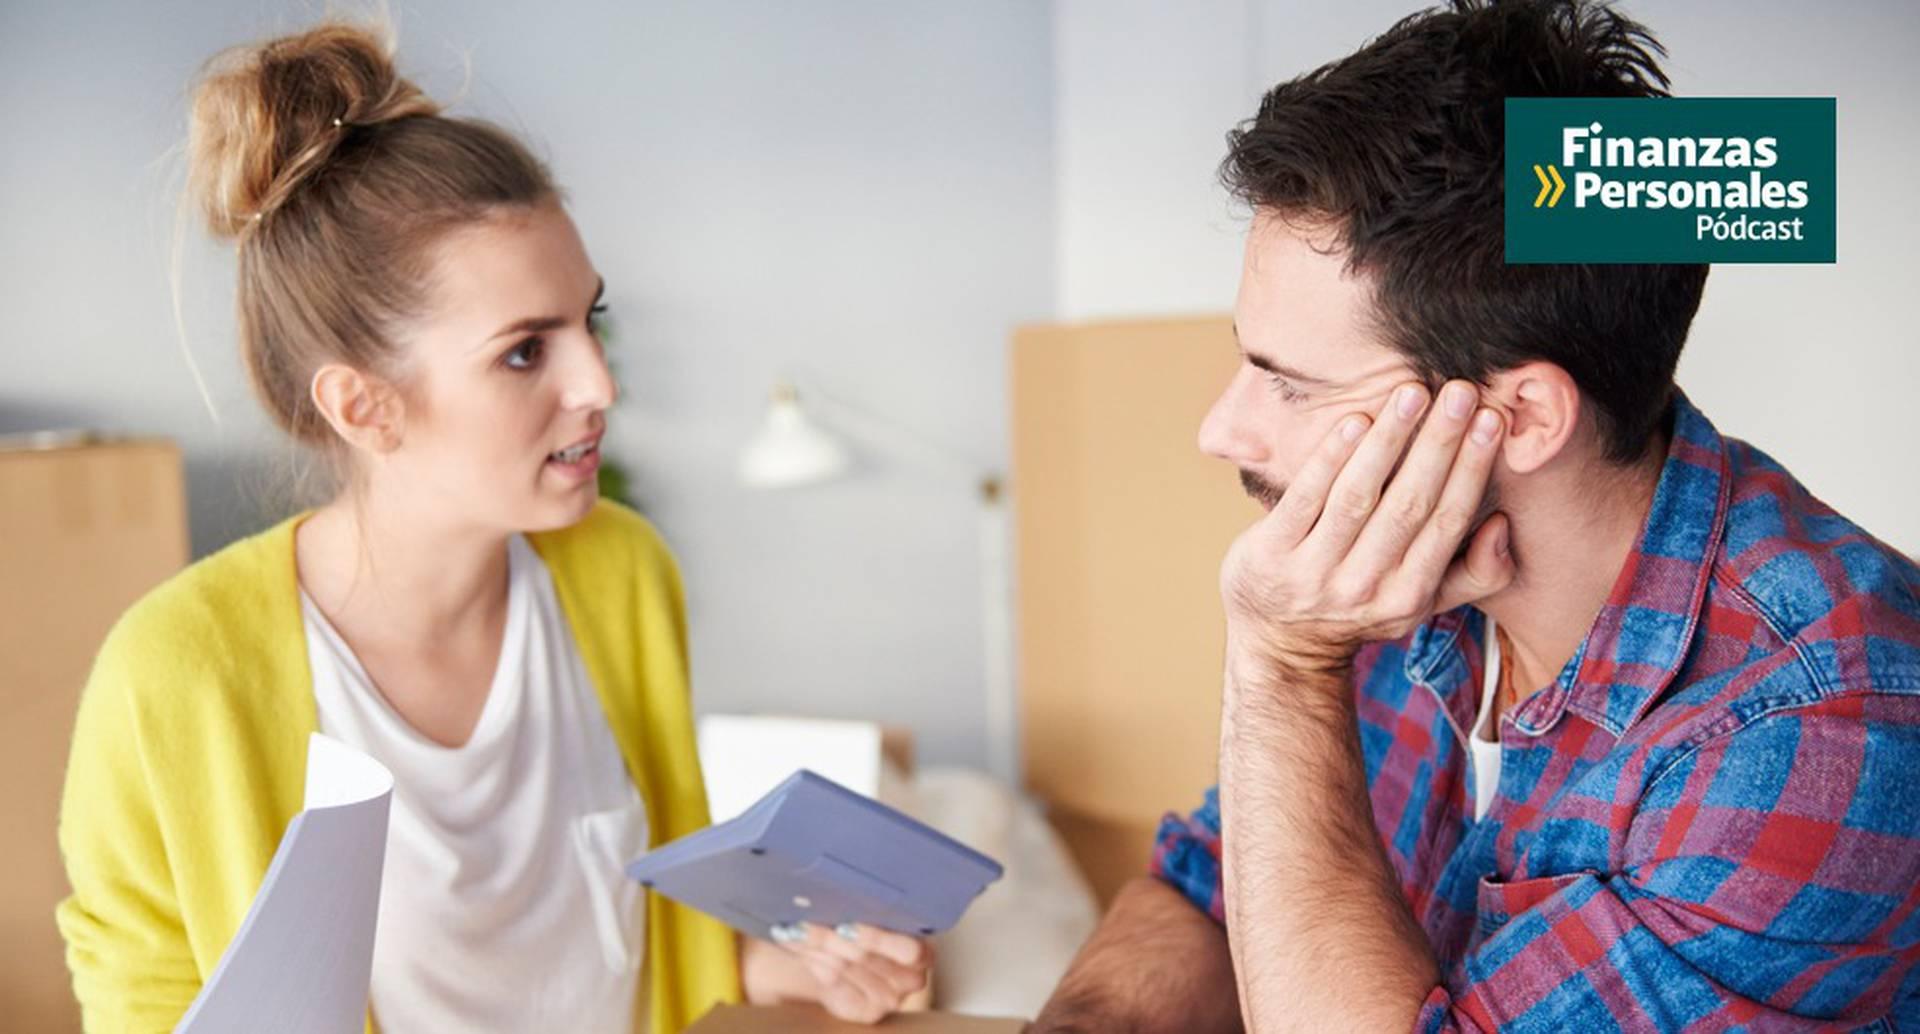 Finanzas personales: ¿Cómo manejar las finanzas en pareja? SemanaPódcast FinanzasPersonales TipsDeFinanzas TipsDeAhorro